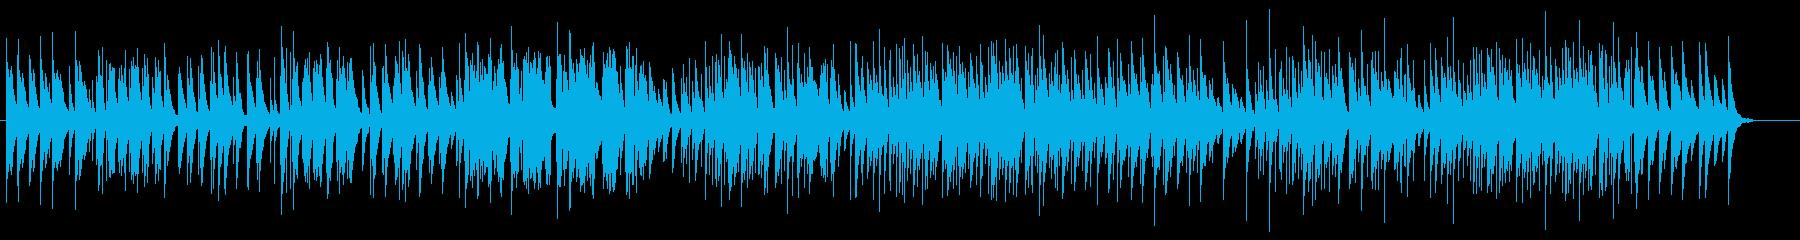 ホスピタリティなやさしいオルゴール80の再生済みの波形